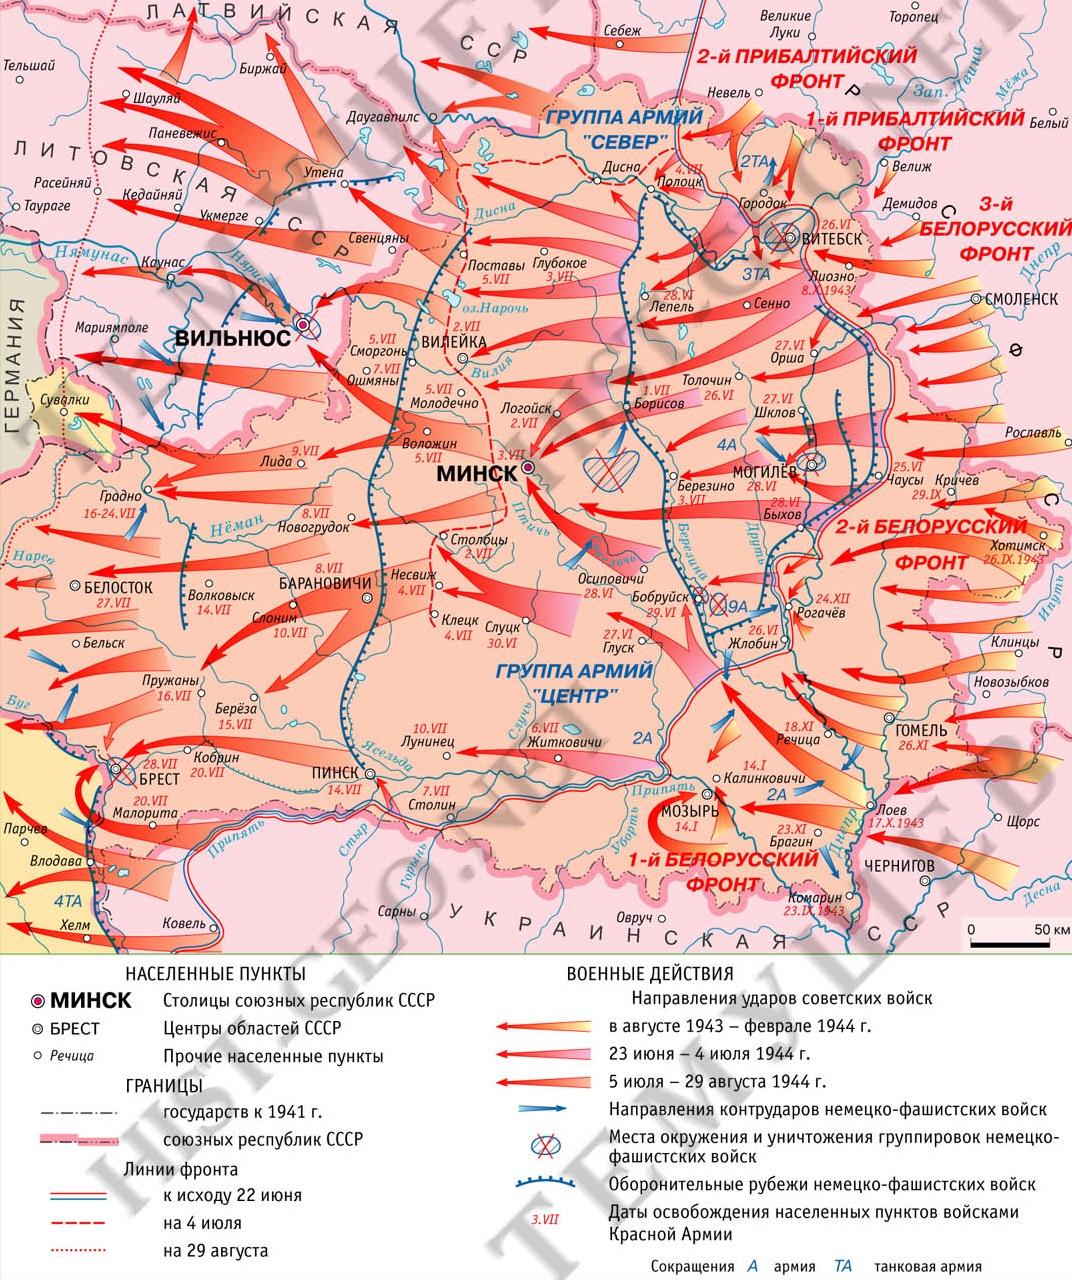 Курта Белорусской операции